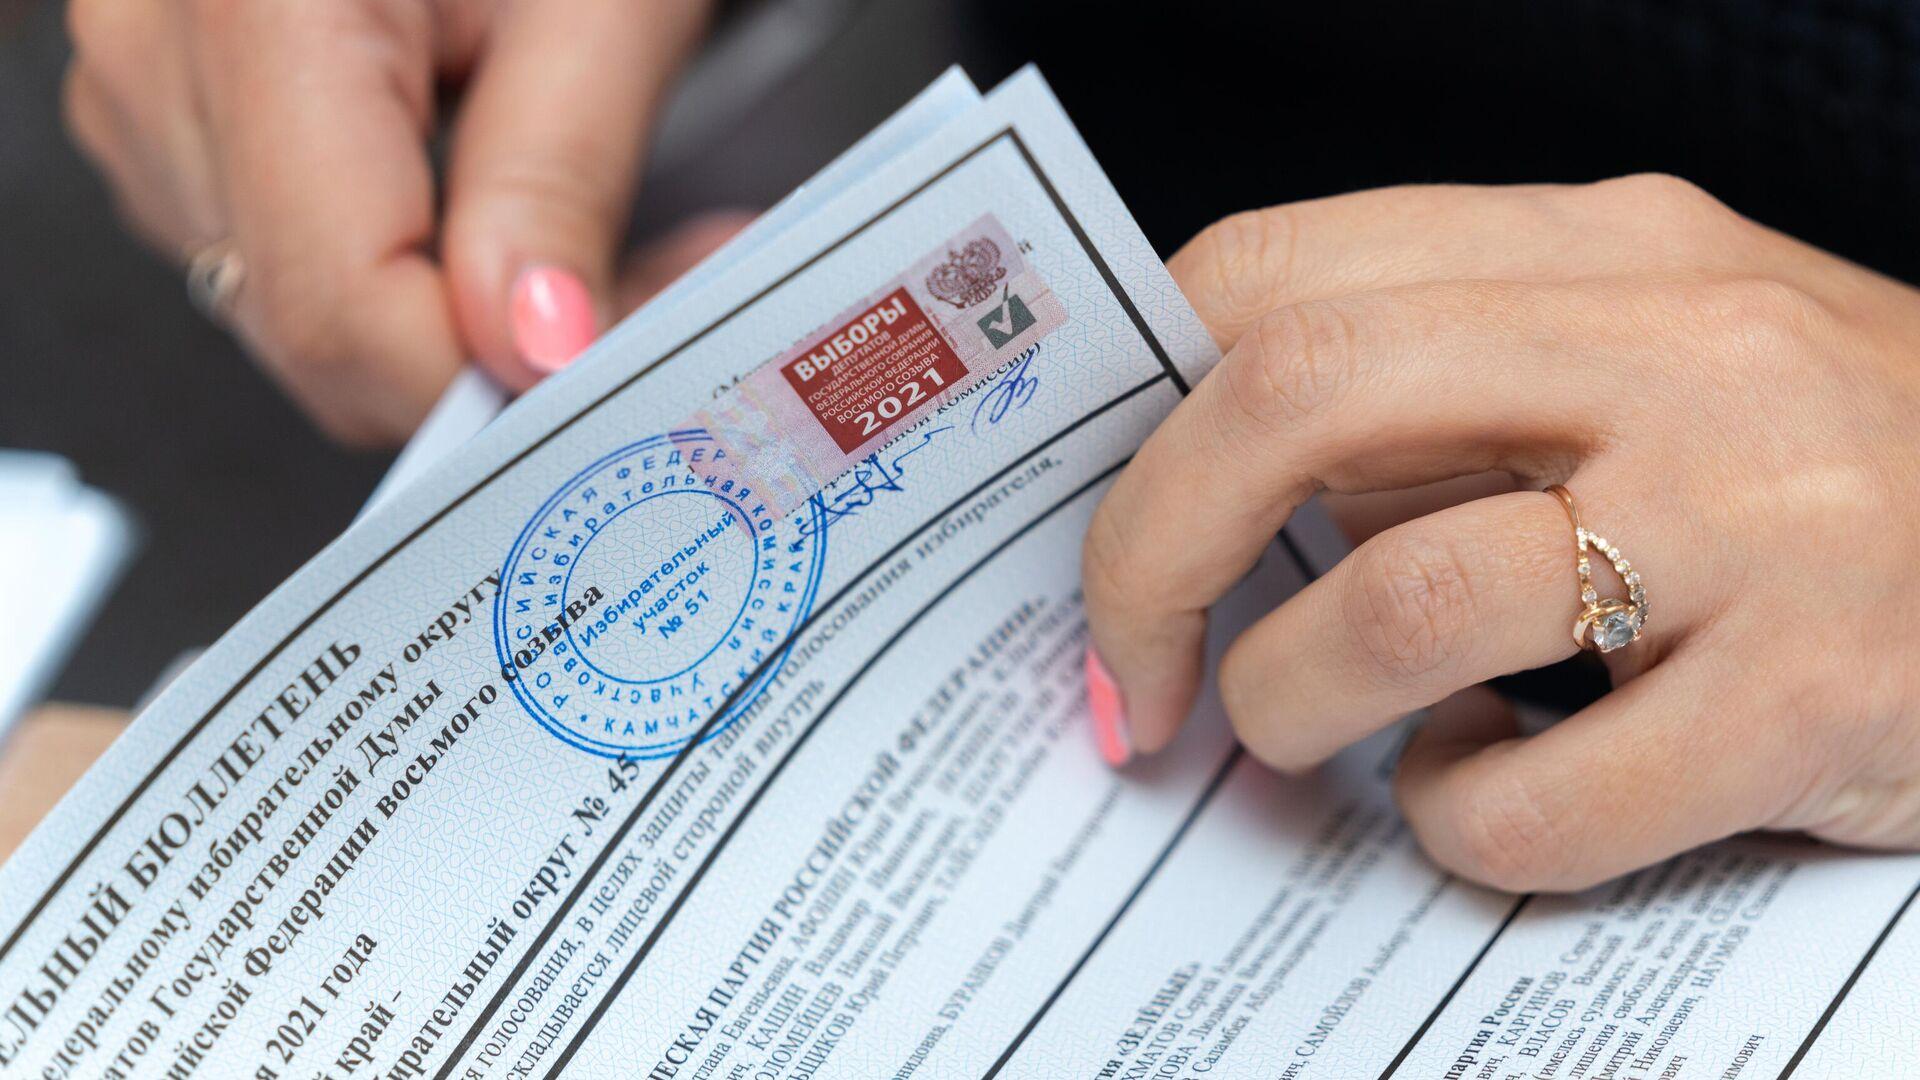 1750653101 0:233:3070:1960 1920x0 80 0 0 abf8a5e2410d80e9c5bfffac3277820d - В Приднестровье открылись 27 избирательных участков на выборах в Госдуму